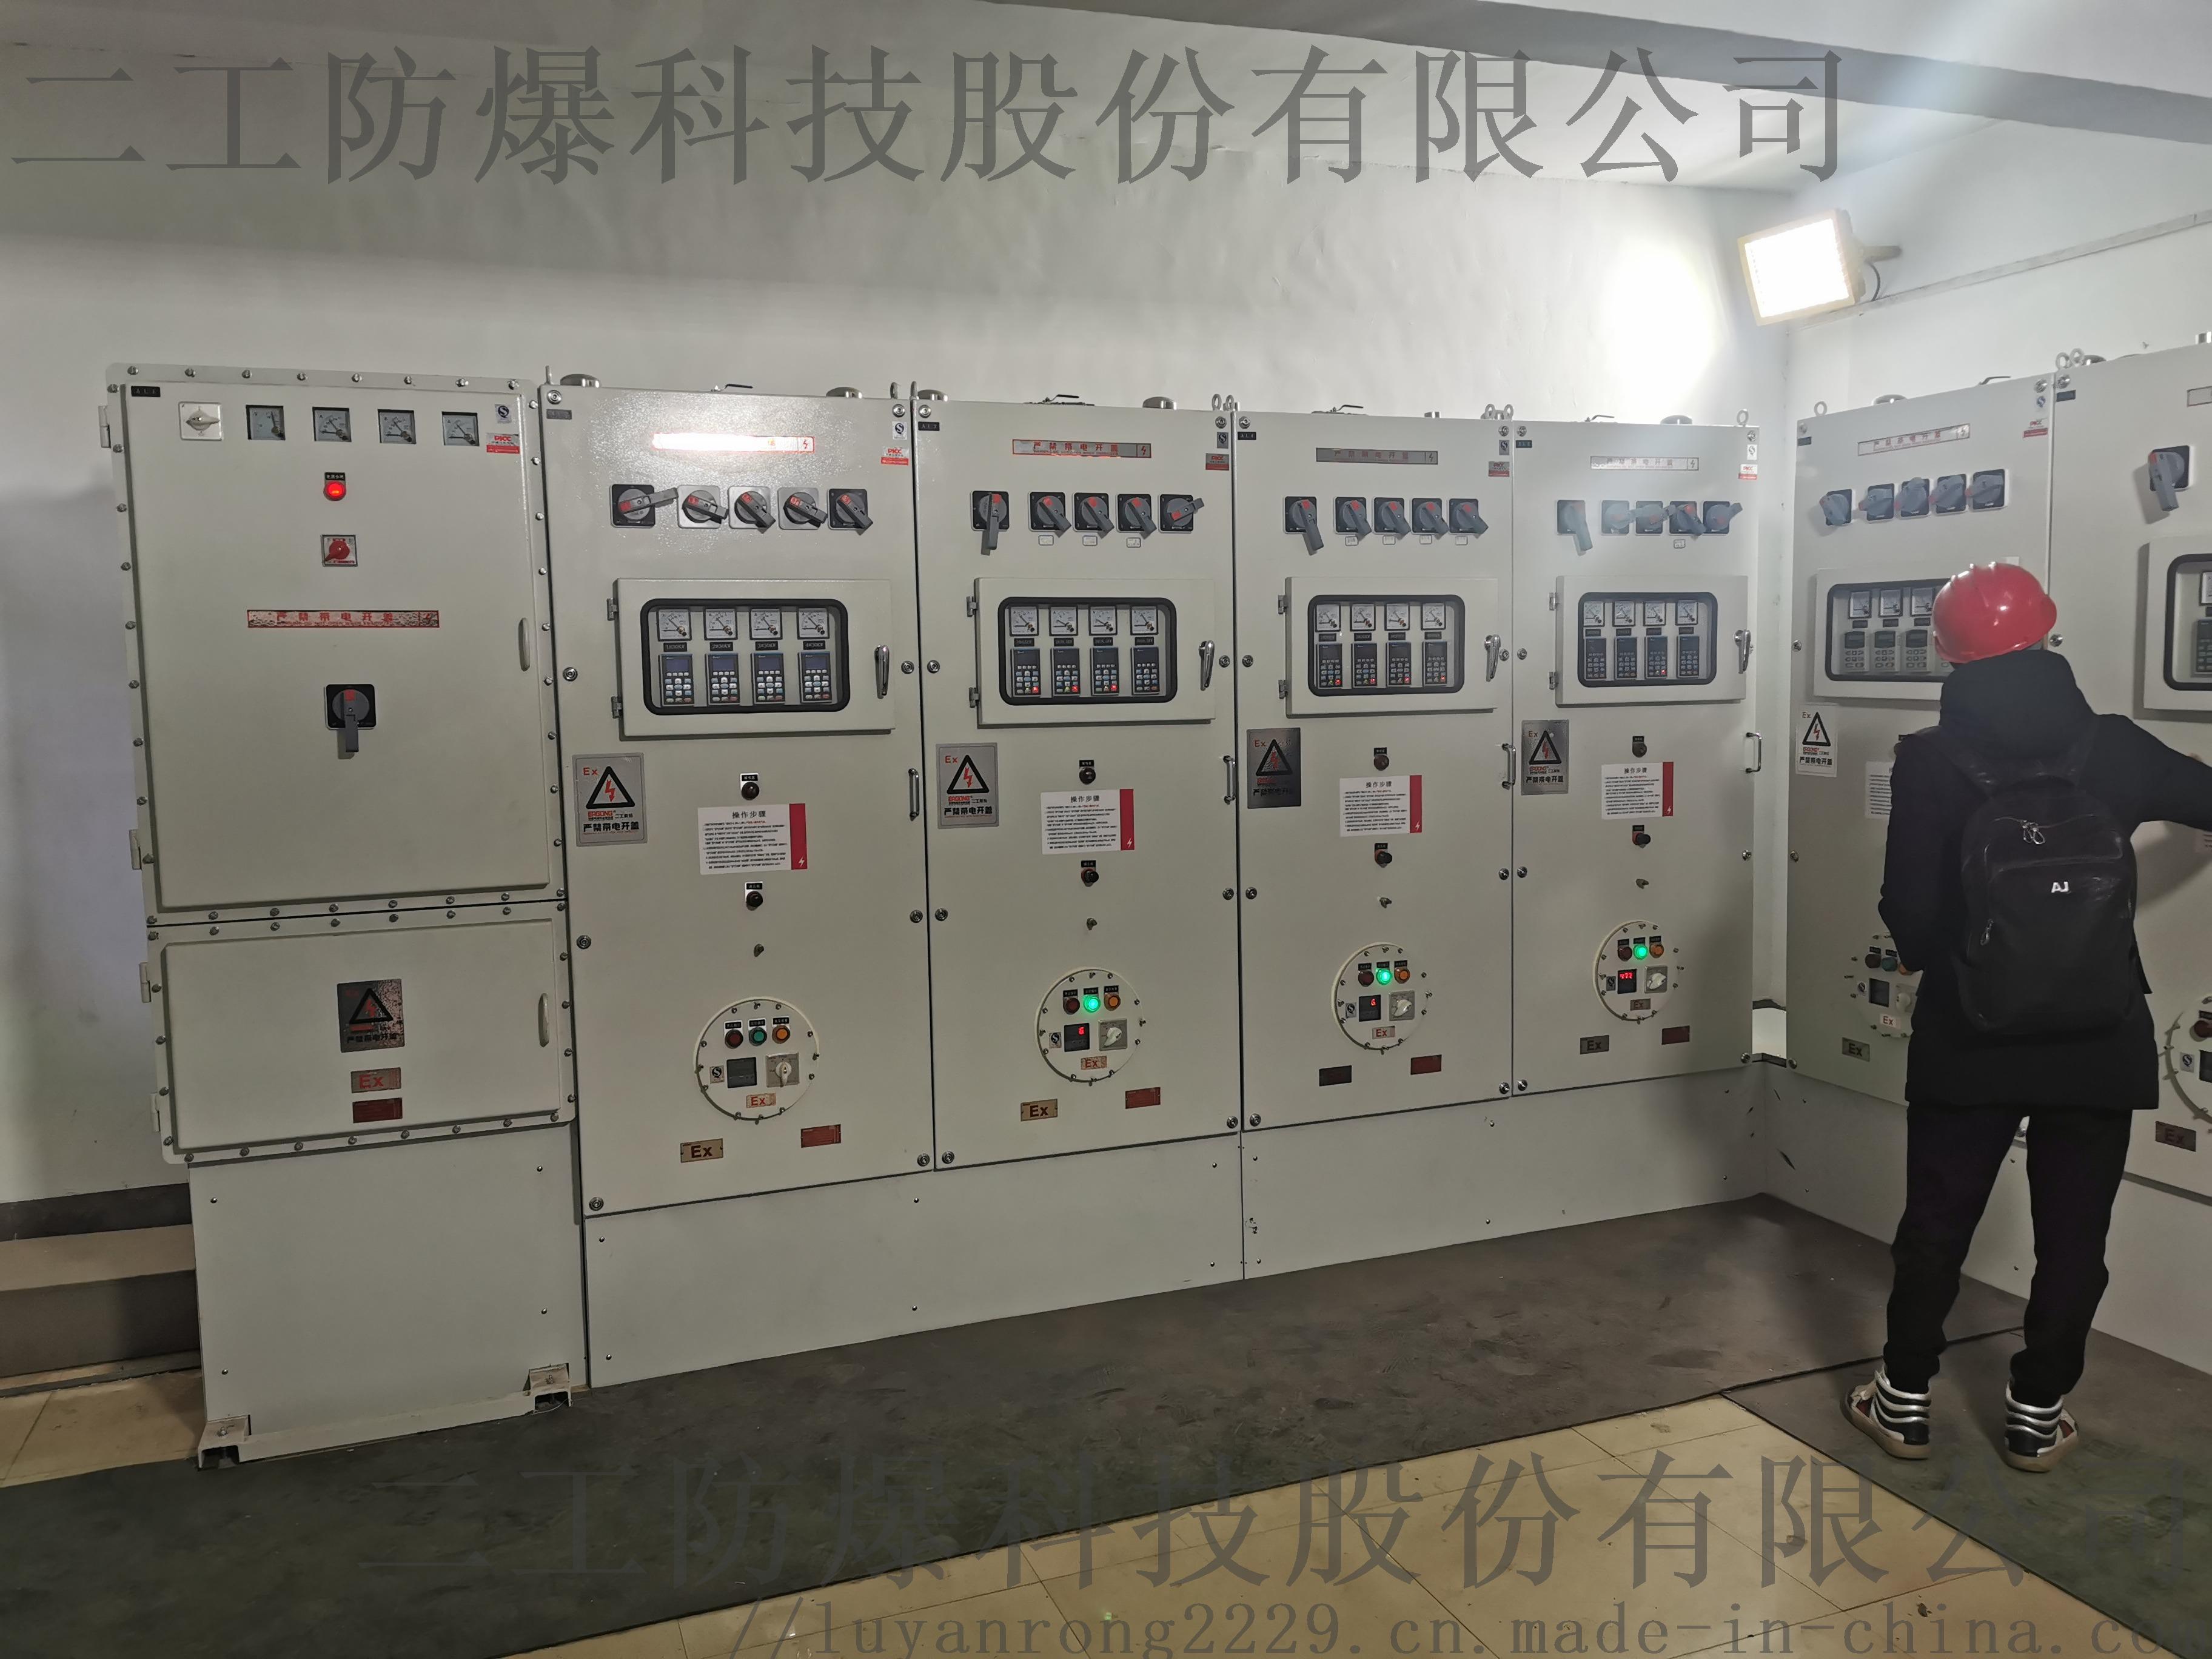 防爆散热正压柜气体车间控制柜配电柜厂家141943305